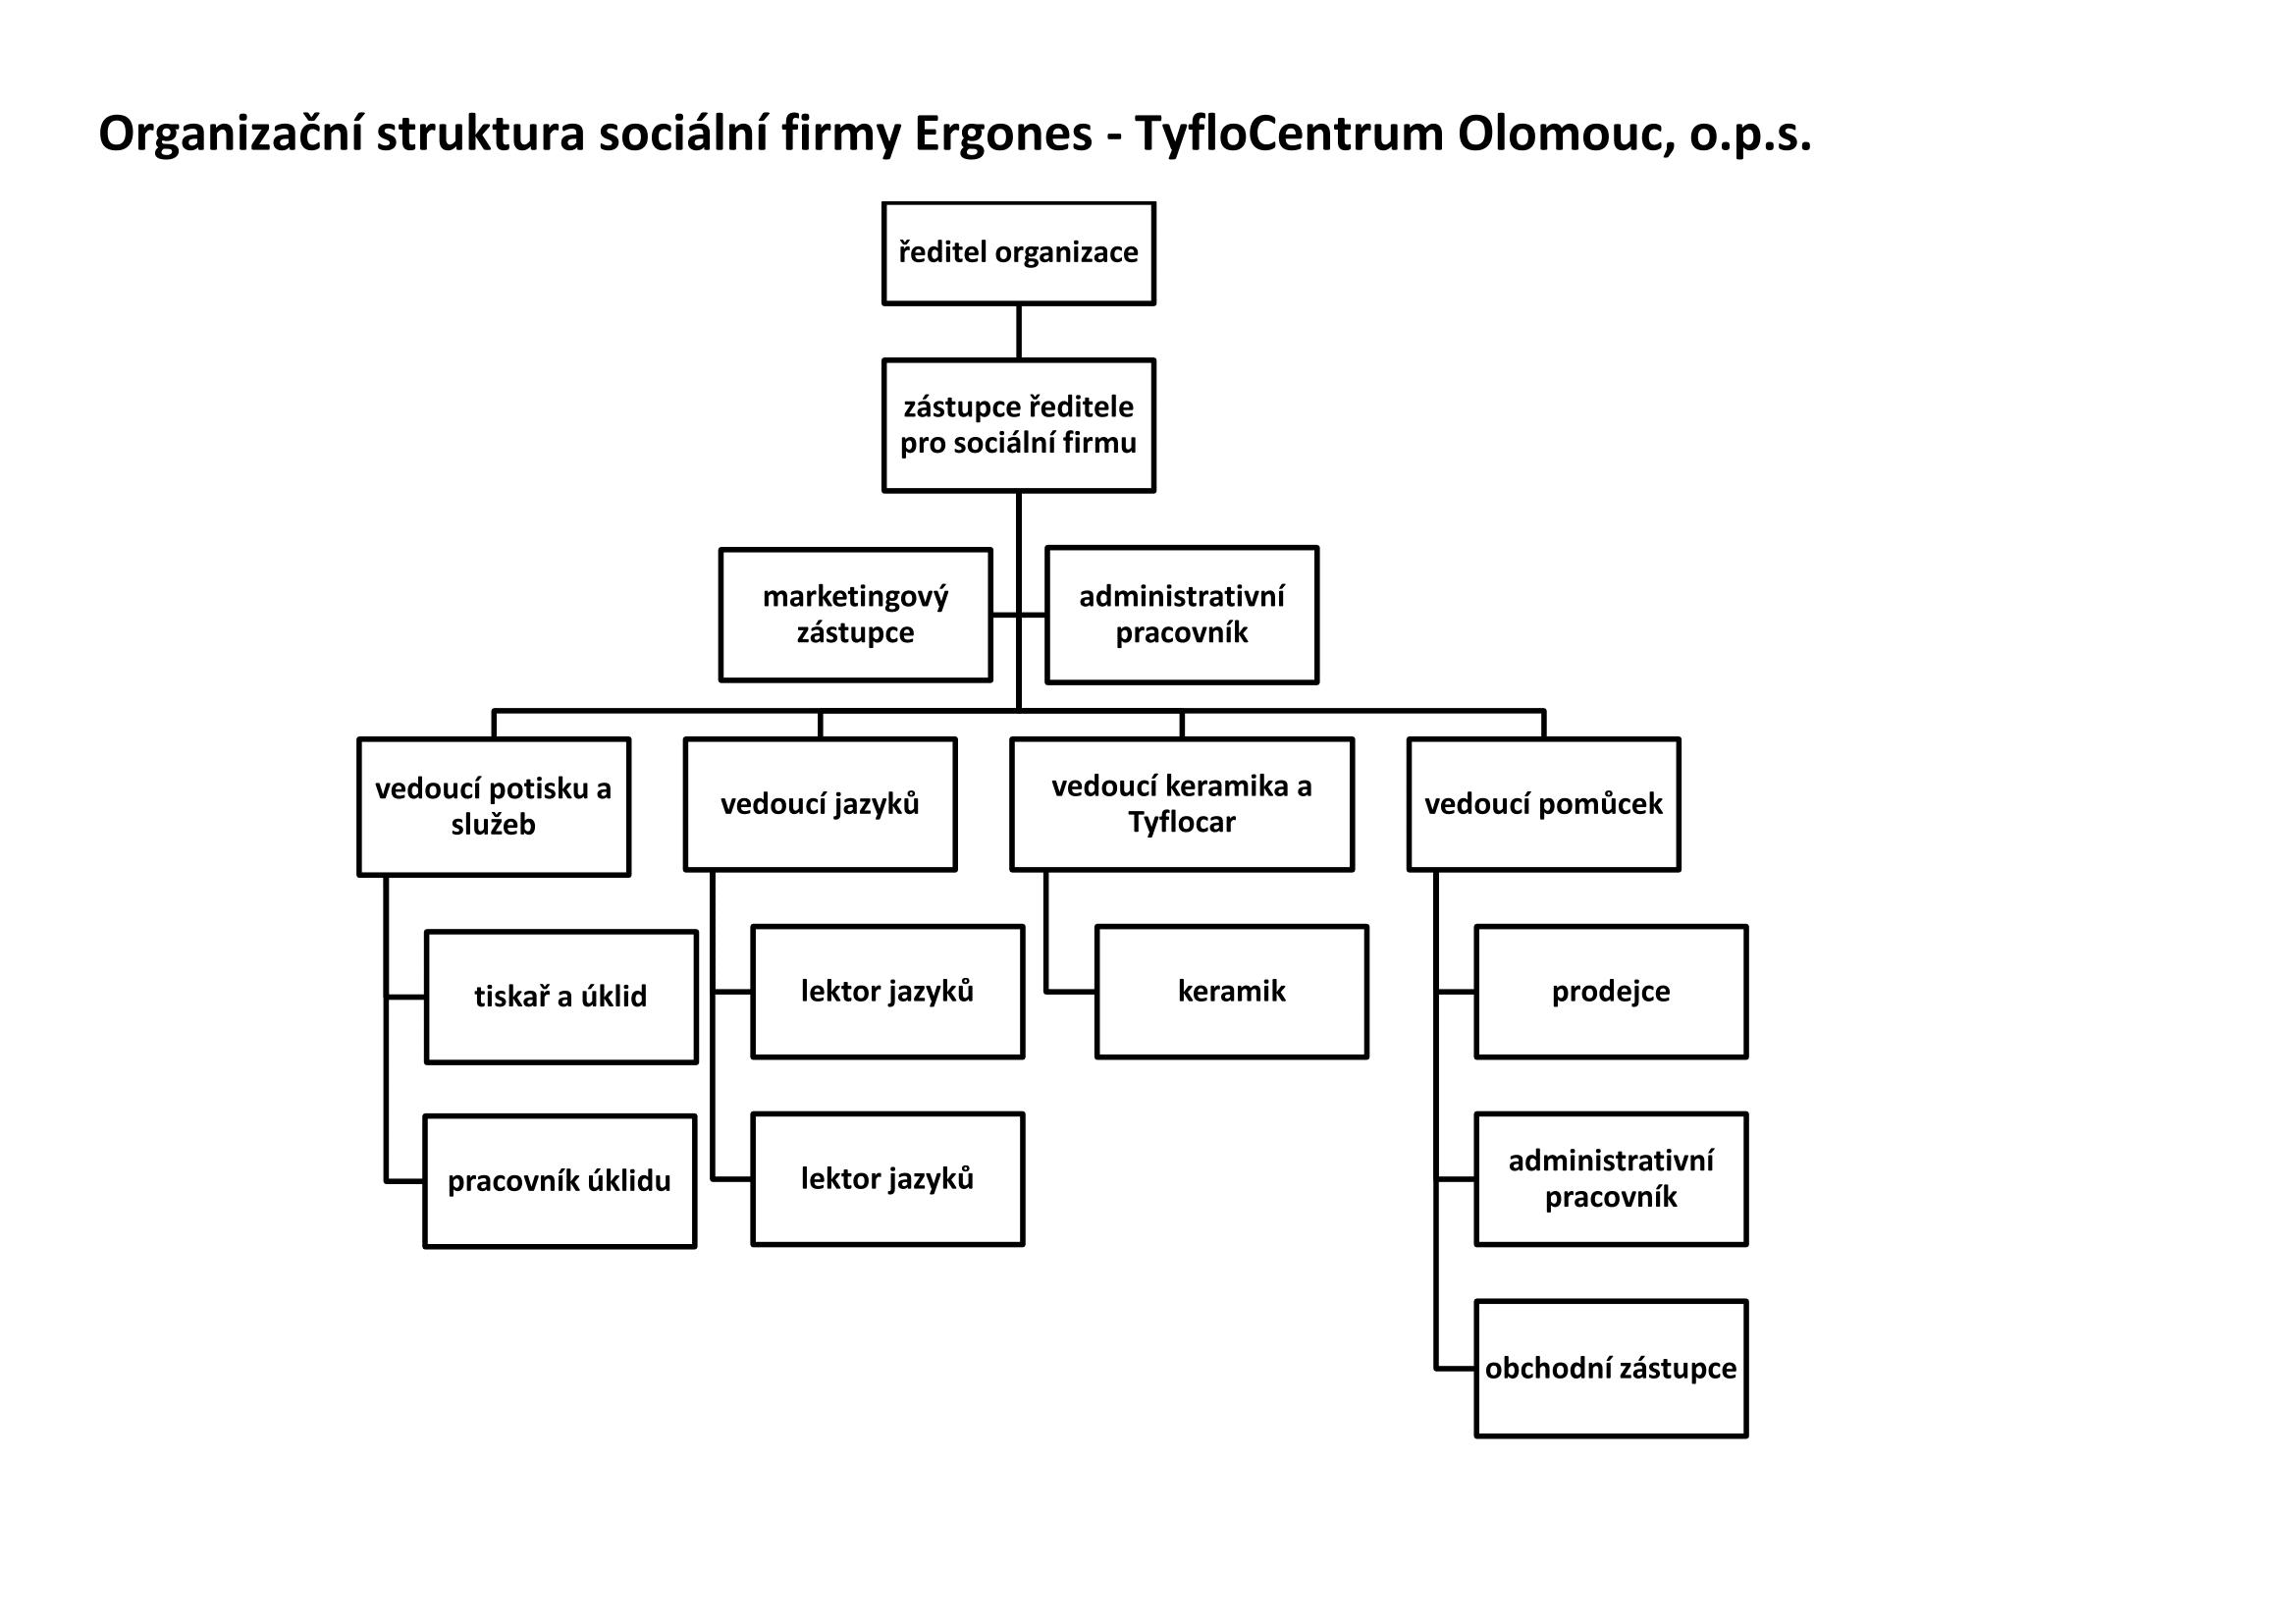 Organizační struktura Tyflocentrum Olomouc, o.p.s.